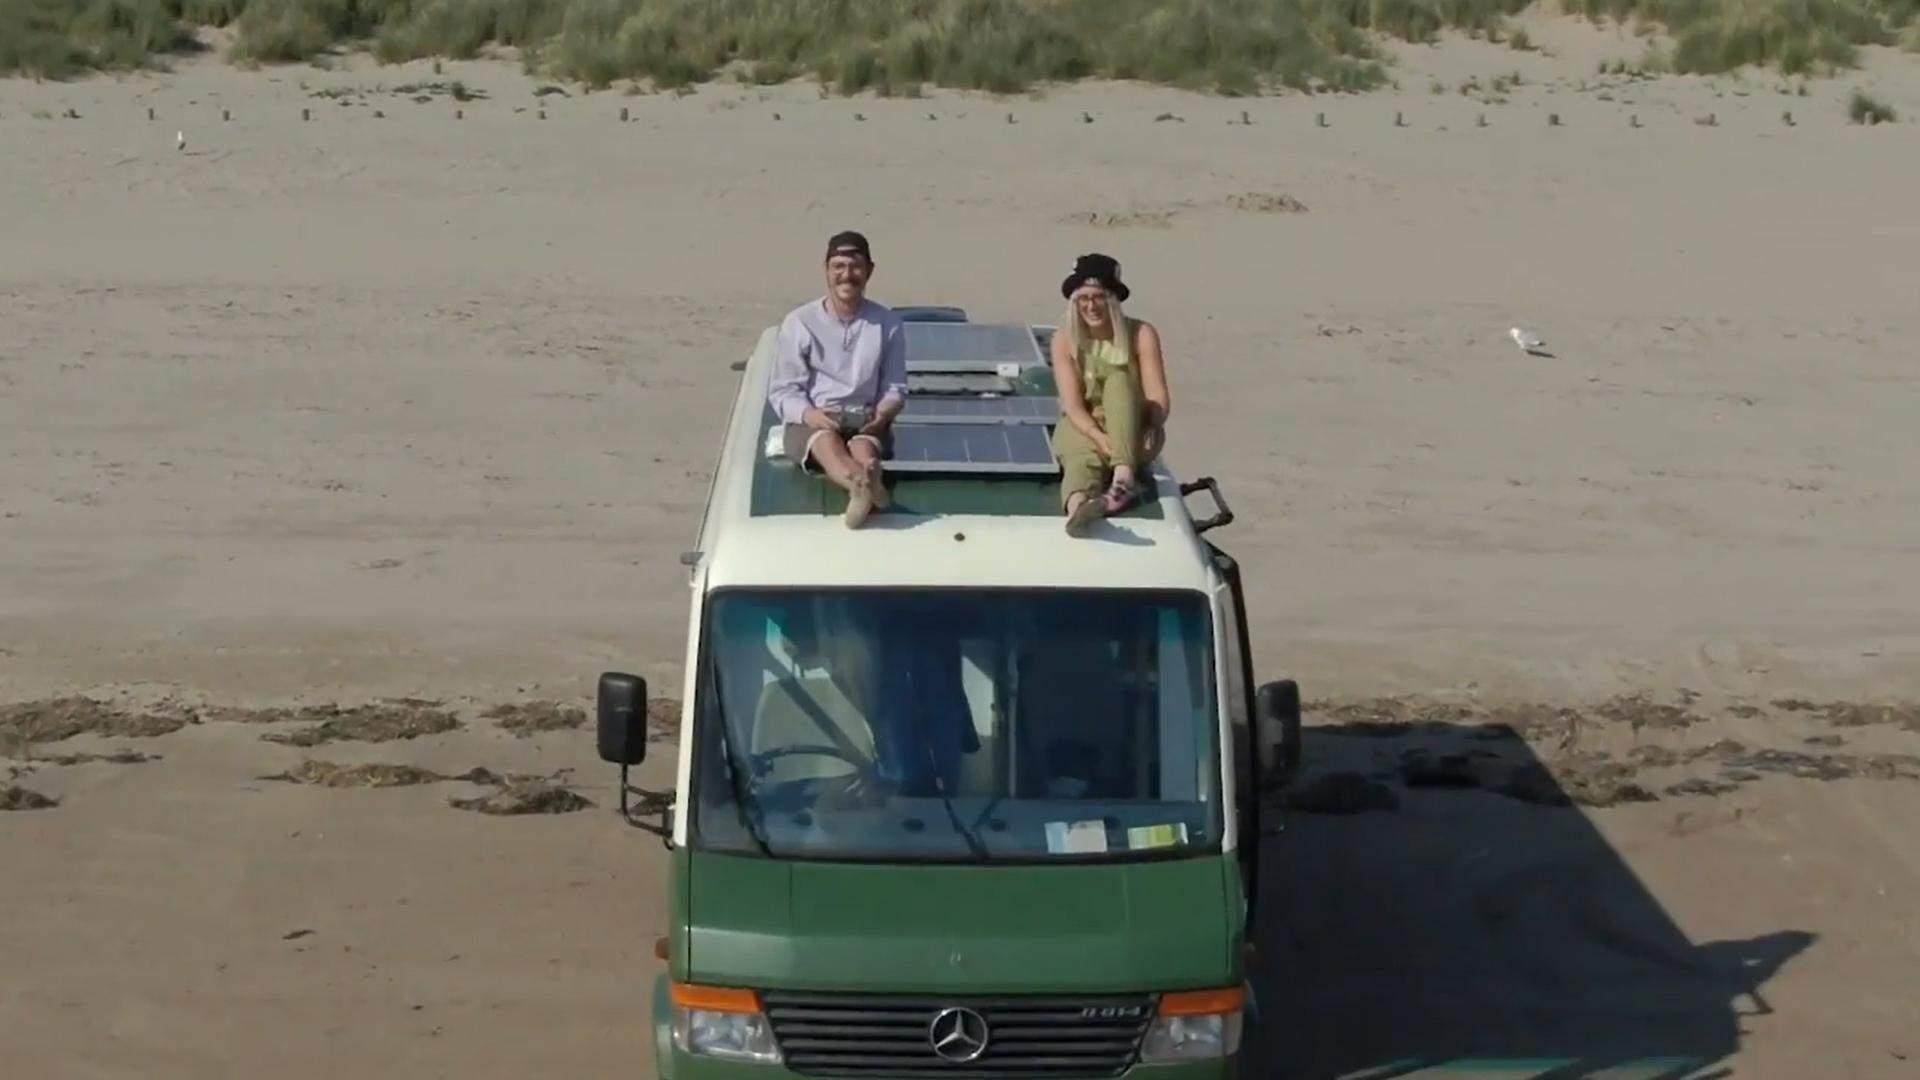 Пара, яка поїхала у відпустку у найдешевшому фургоні